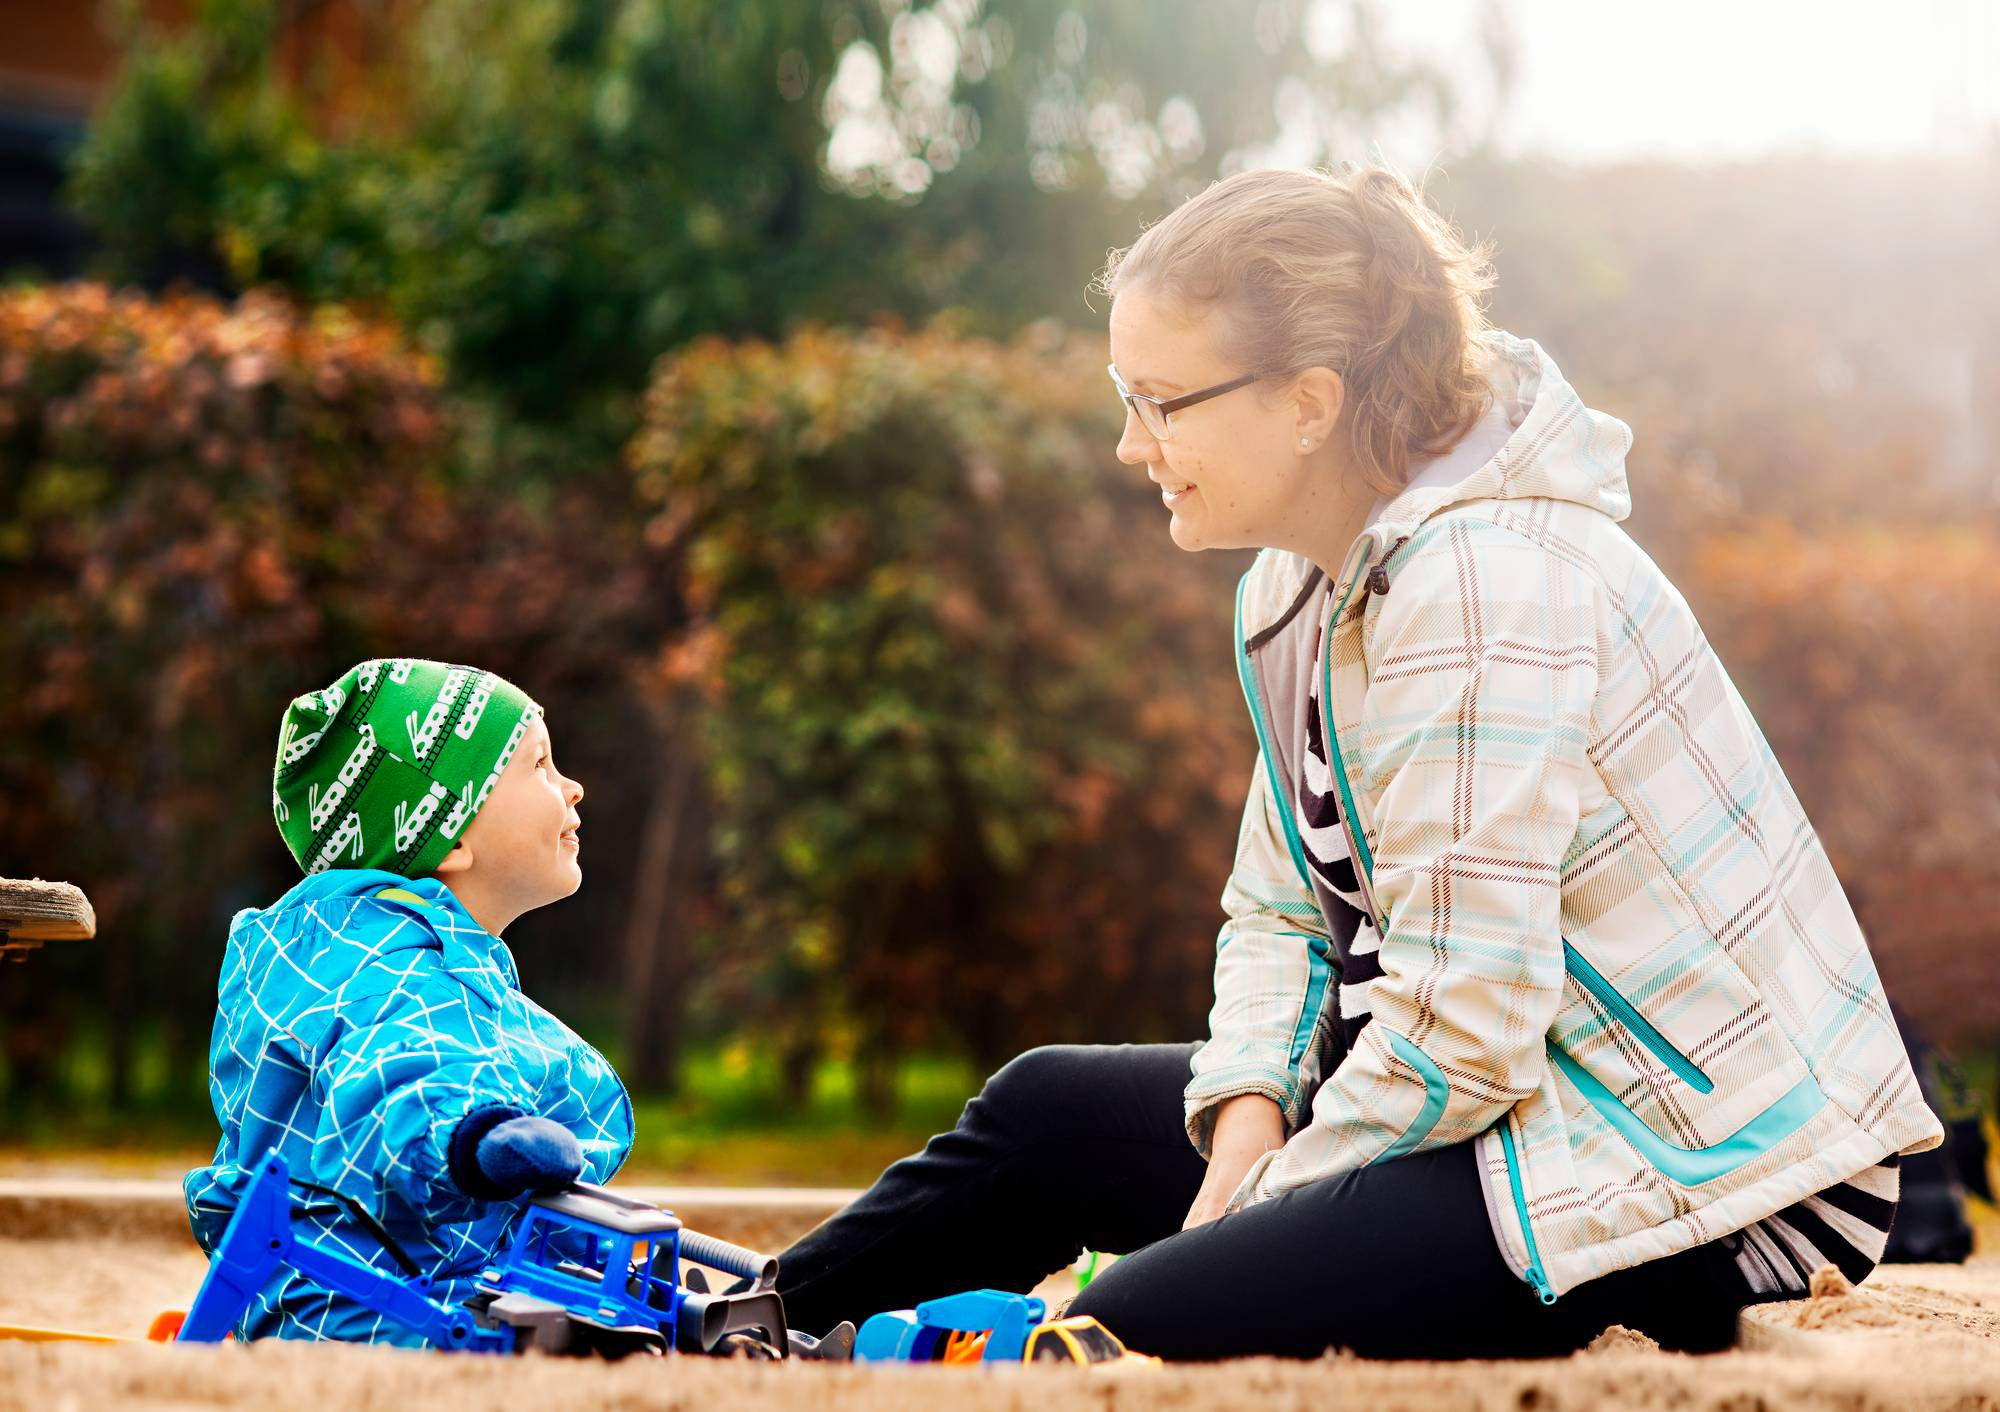 Helsinkiläinen opettaja Ida Forsell on hoitovapaalla 2-vuotiaan Martin kanssa. Perheen toinen lapsi syntyy vuodenvaihteessa. Forsell suunnittelee palaavansa töihin syksyllä 2018. Kuva Sampo Korhonen